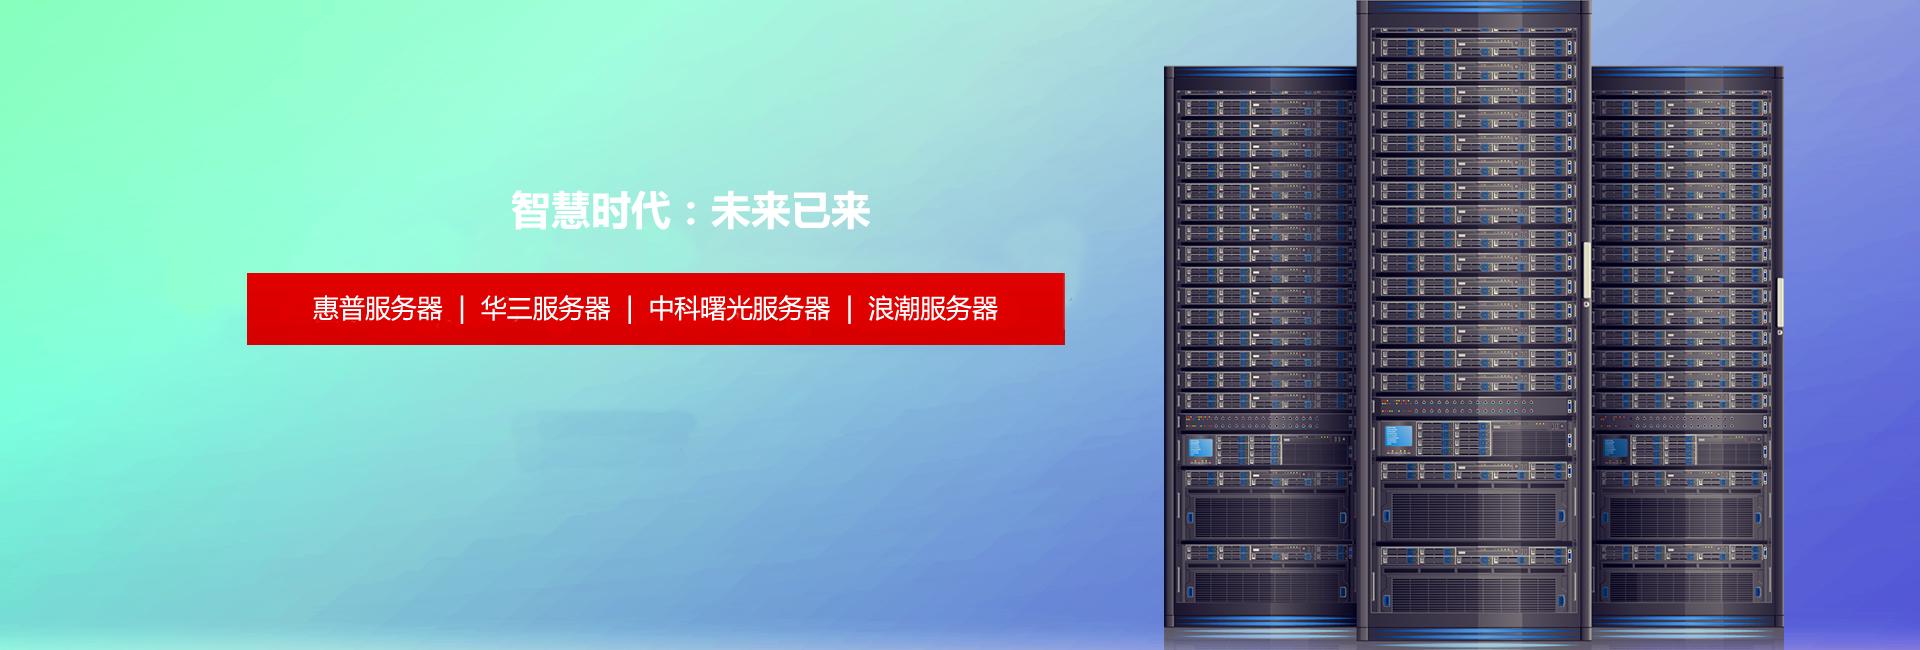 济南华为服务器订购